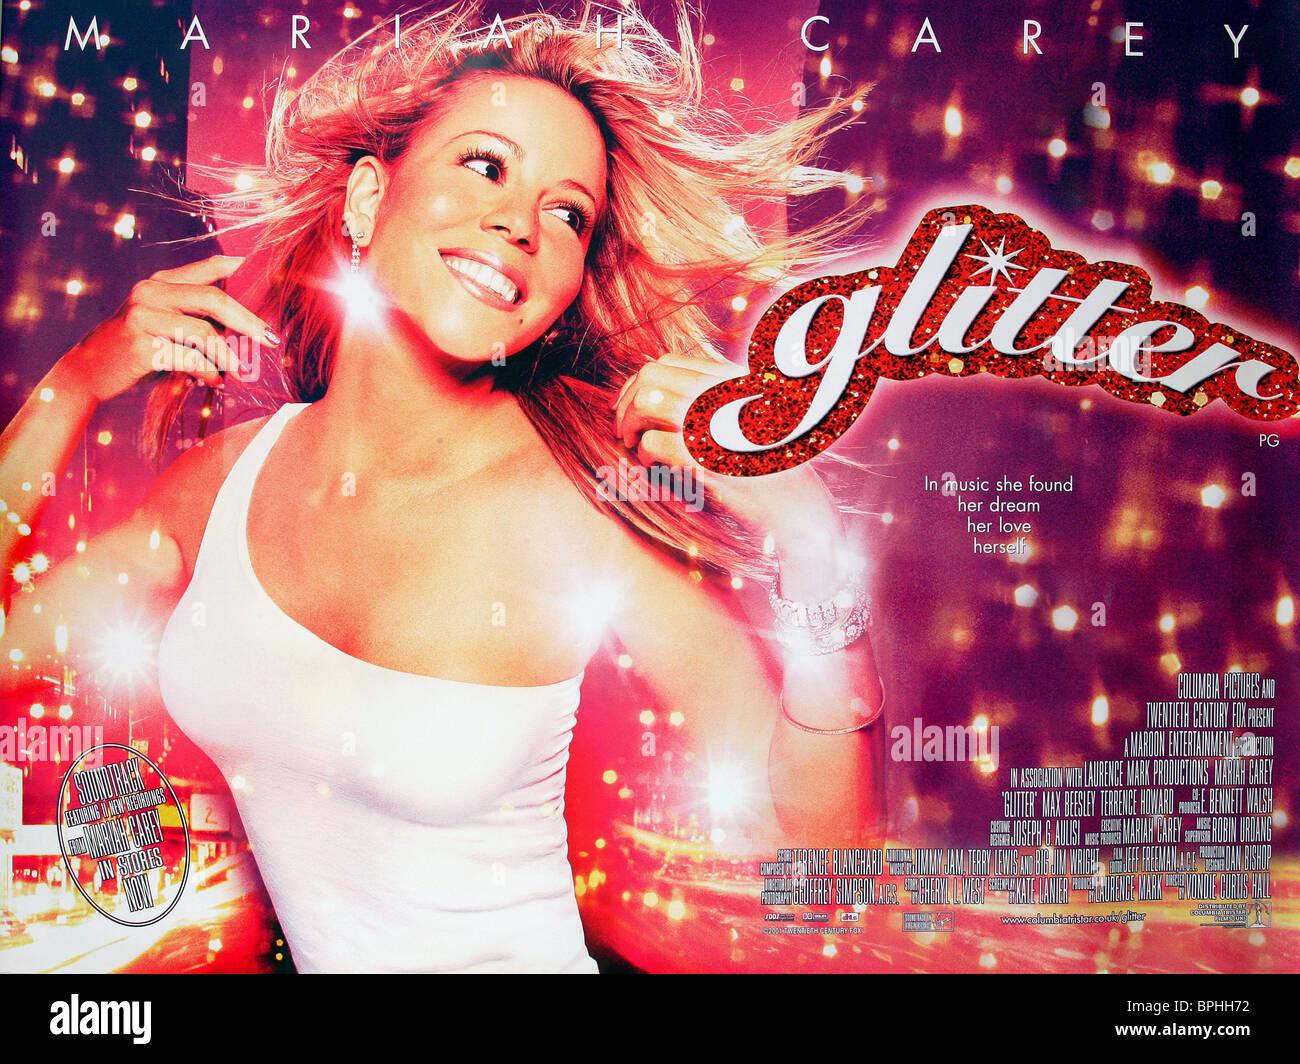 mariah-carey-film-poster-glitter-2001-BP